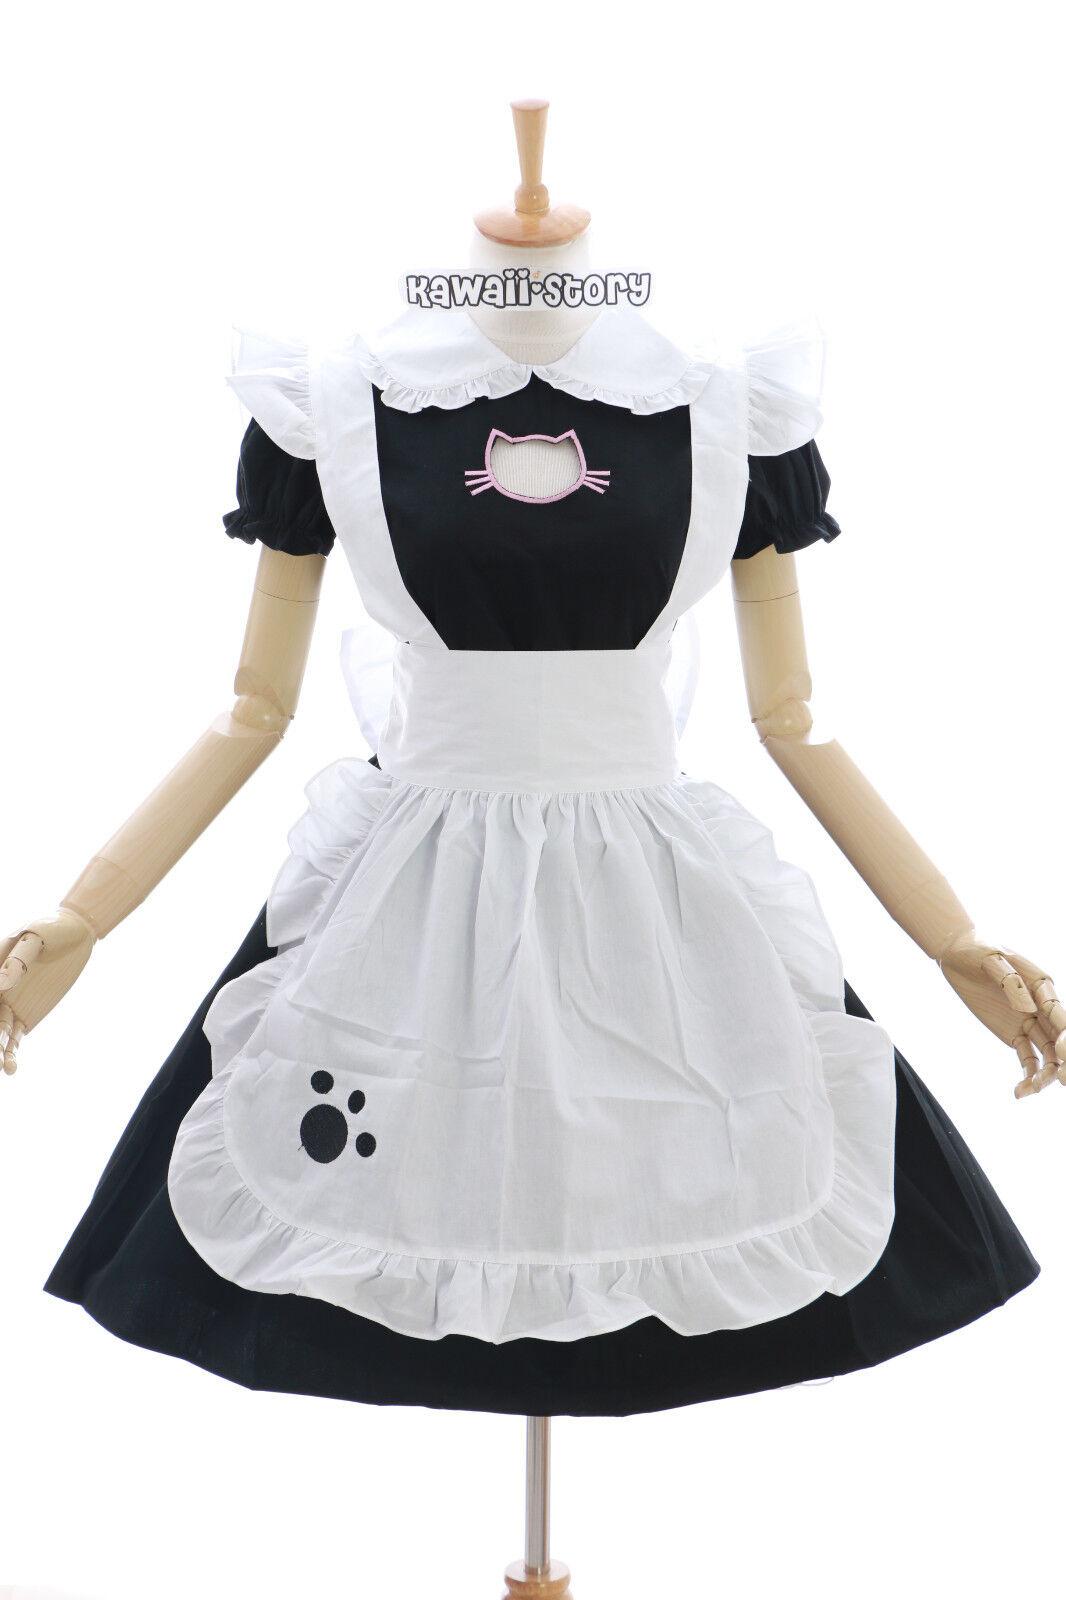 JL-635 Neko Cat Katze schwarz Maid Zimmermädchen Lolita Kleid Kostüm Cosplay